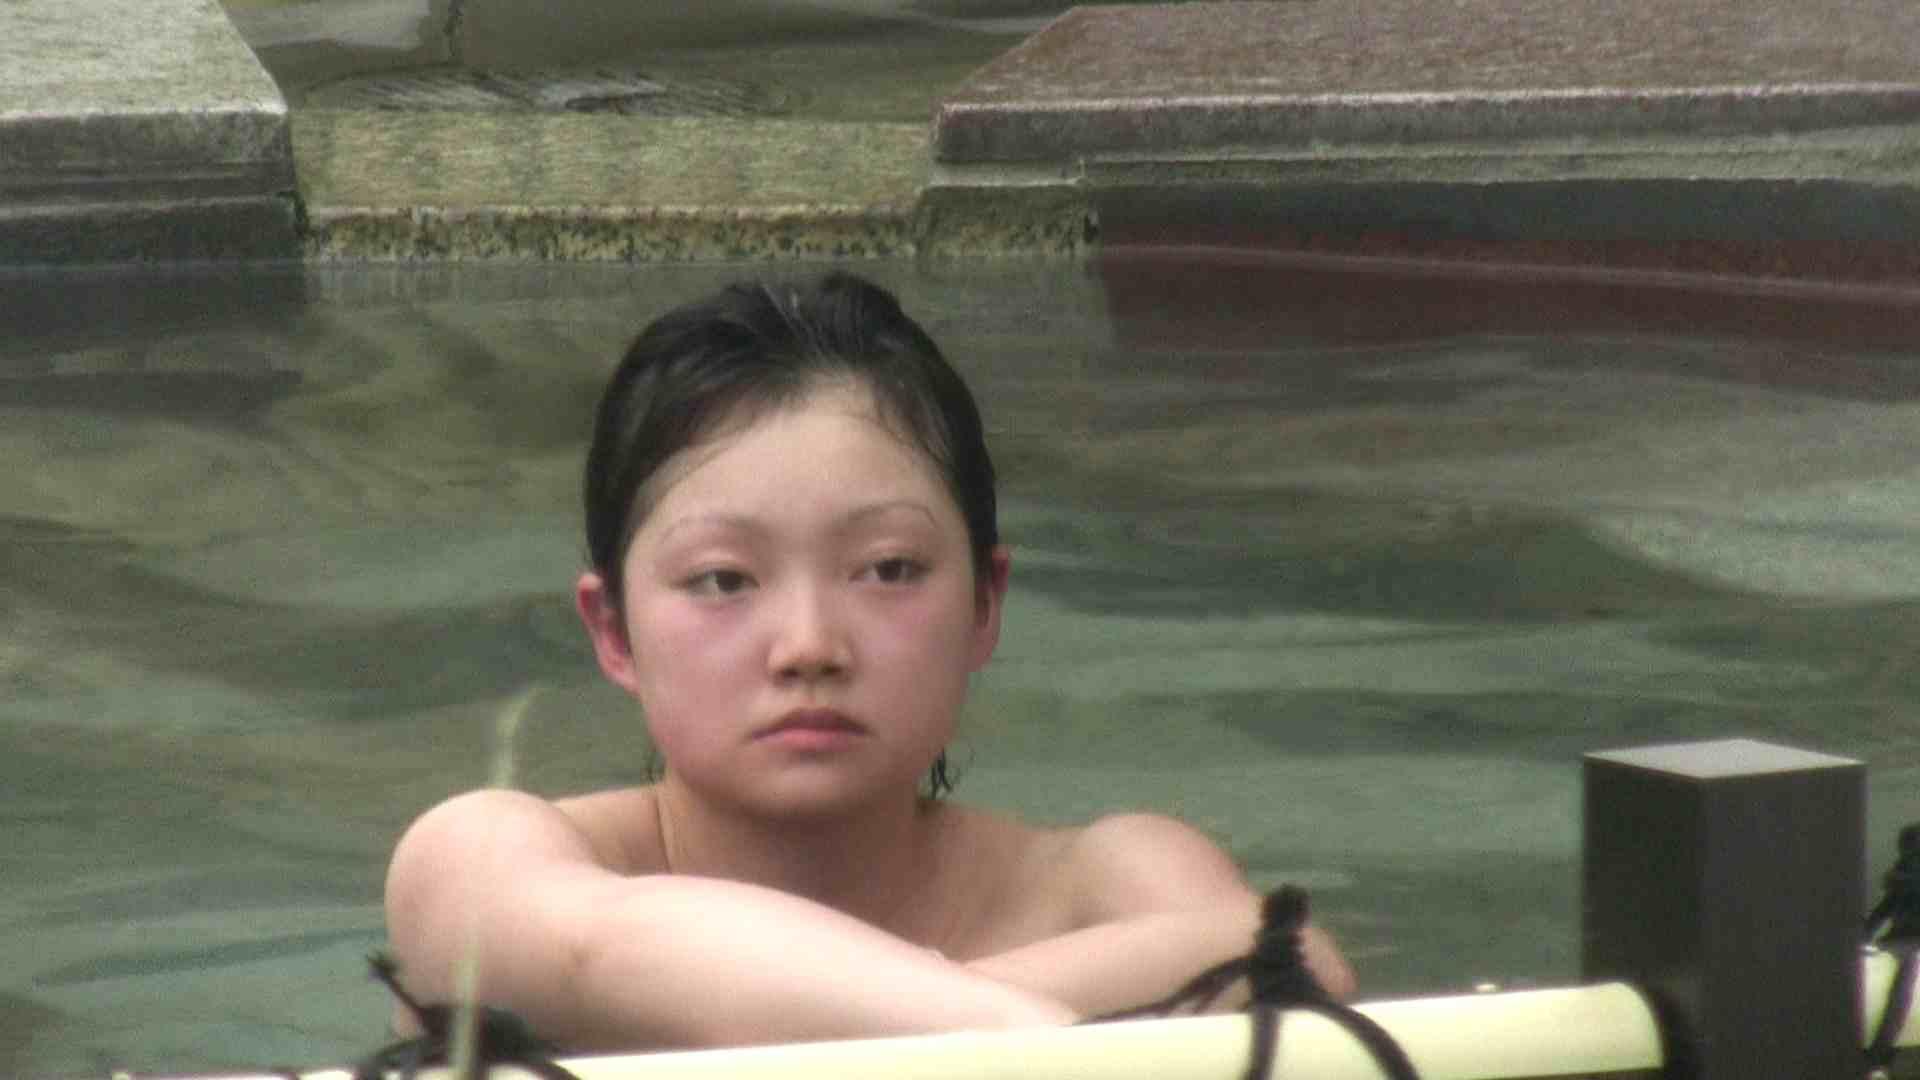 Aquaな露天風呂Vol.126 OLのエロ生活 戯れ無修正画像 72連発 59